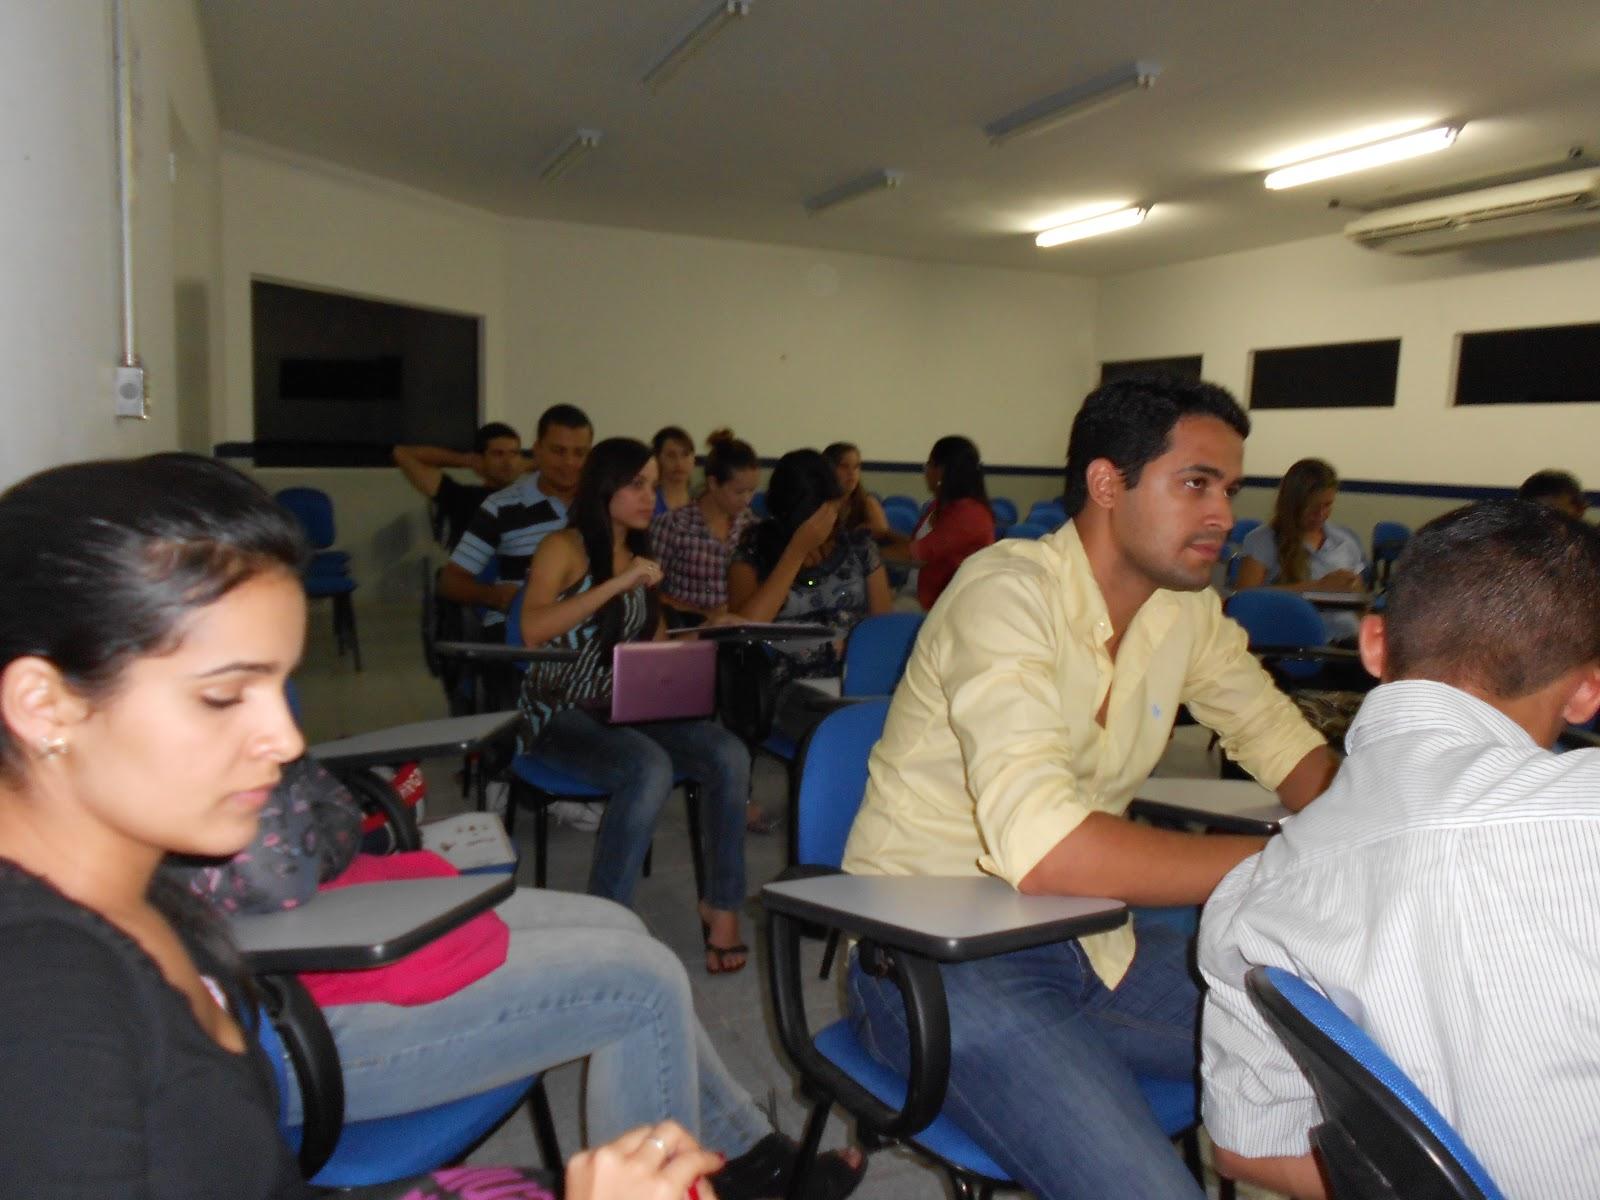 735e8684a Esta atividade ocorreu no dia 13 de dezembro de 2012, no Auditório do  Campus Caruaru da UPE.